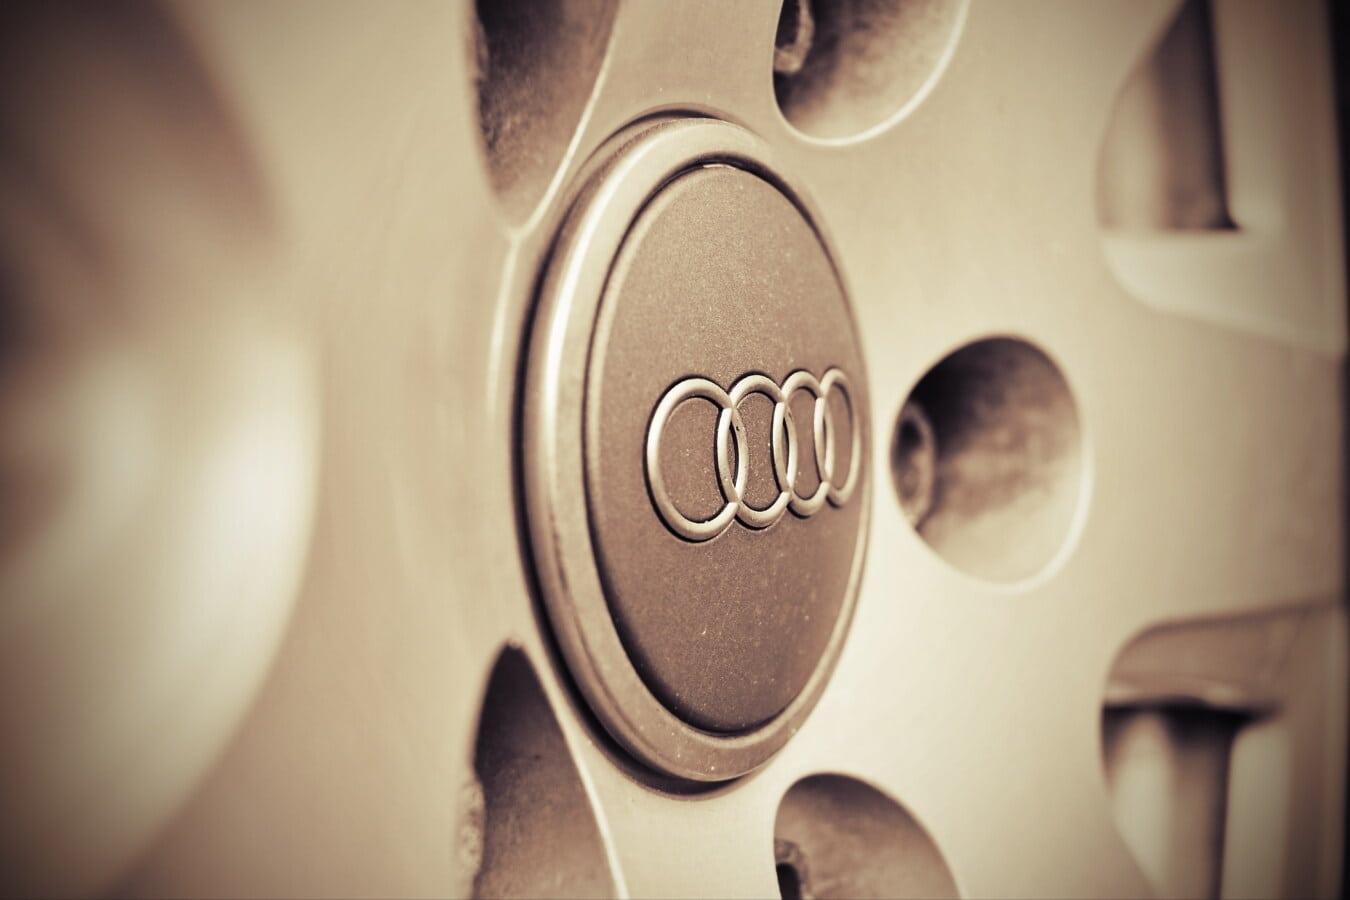 знак, автомобиль, Audi, символ, сепия, старый стиль, ностальгия, марочный, цвет, размытие